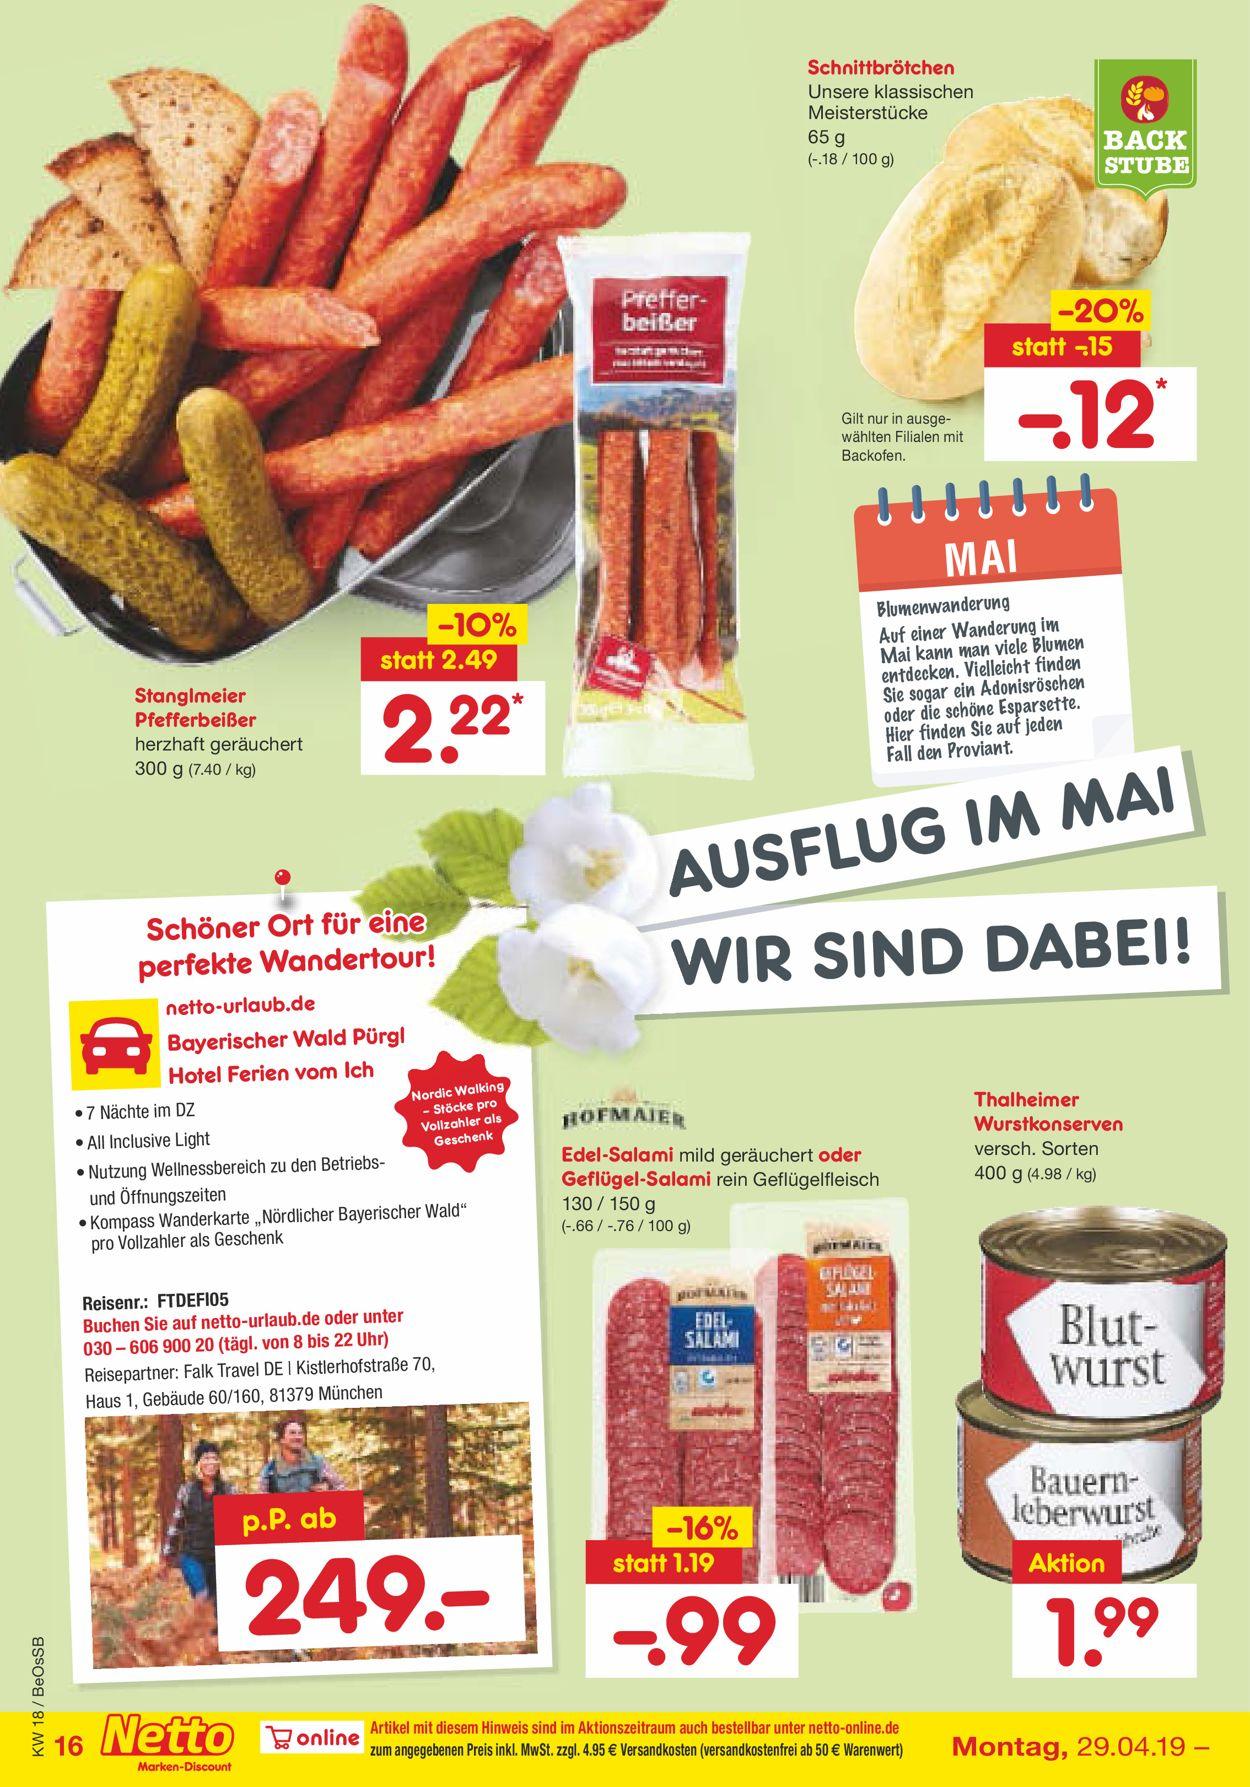 400b1abab30b96 Netto Marken-Discount Aktueller Prospekt 29.04 - 04.05.2019  16 ...